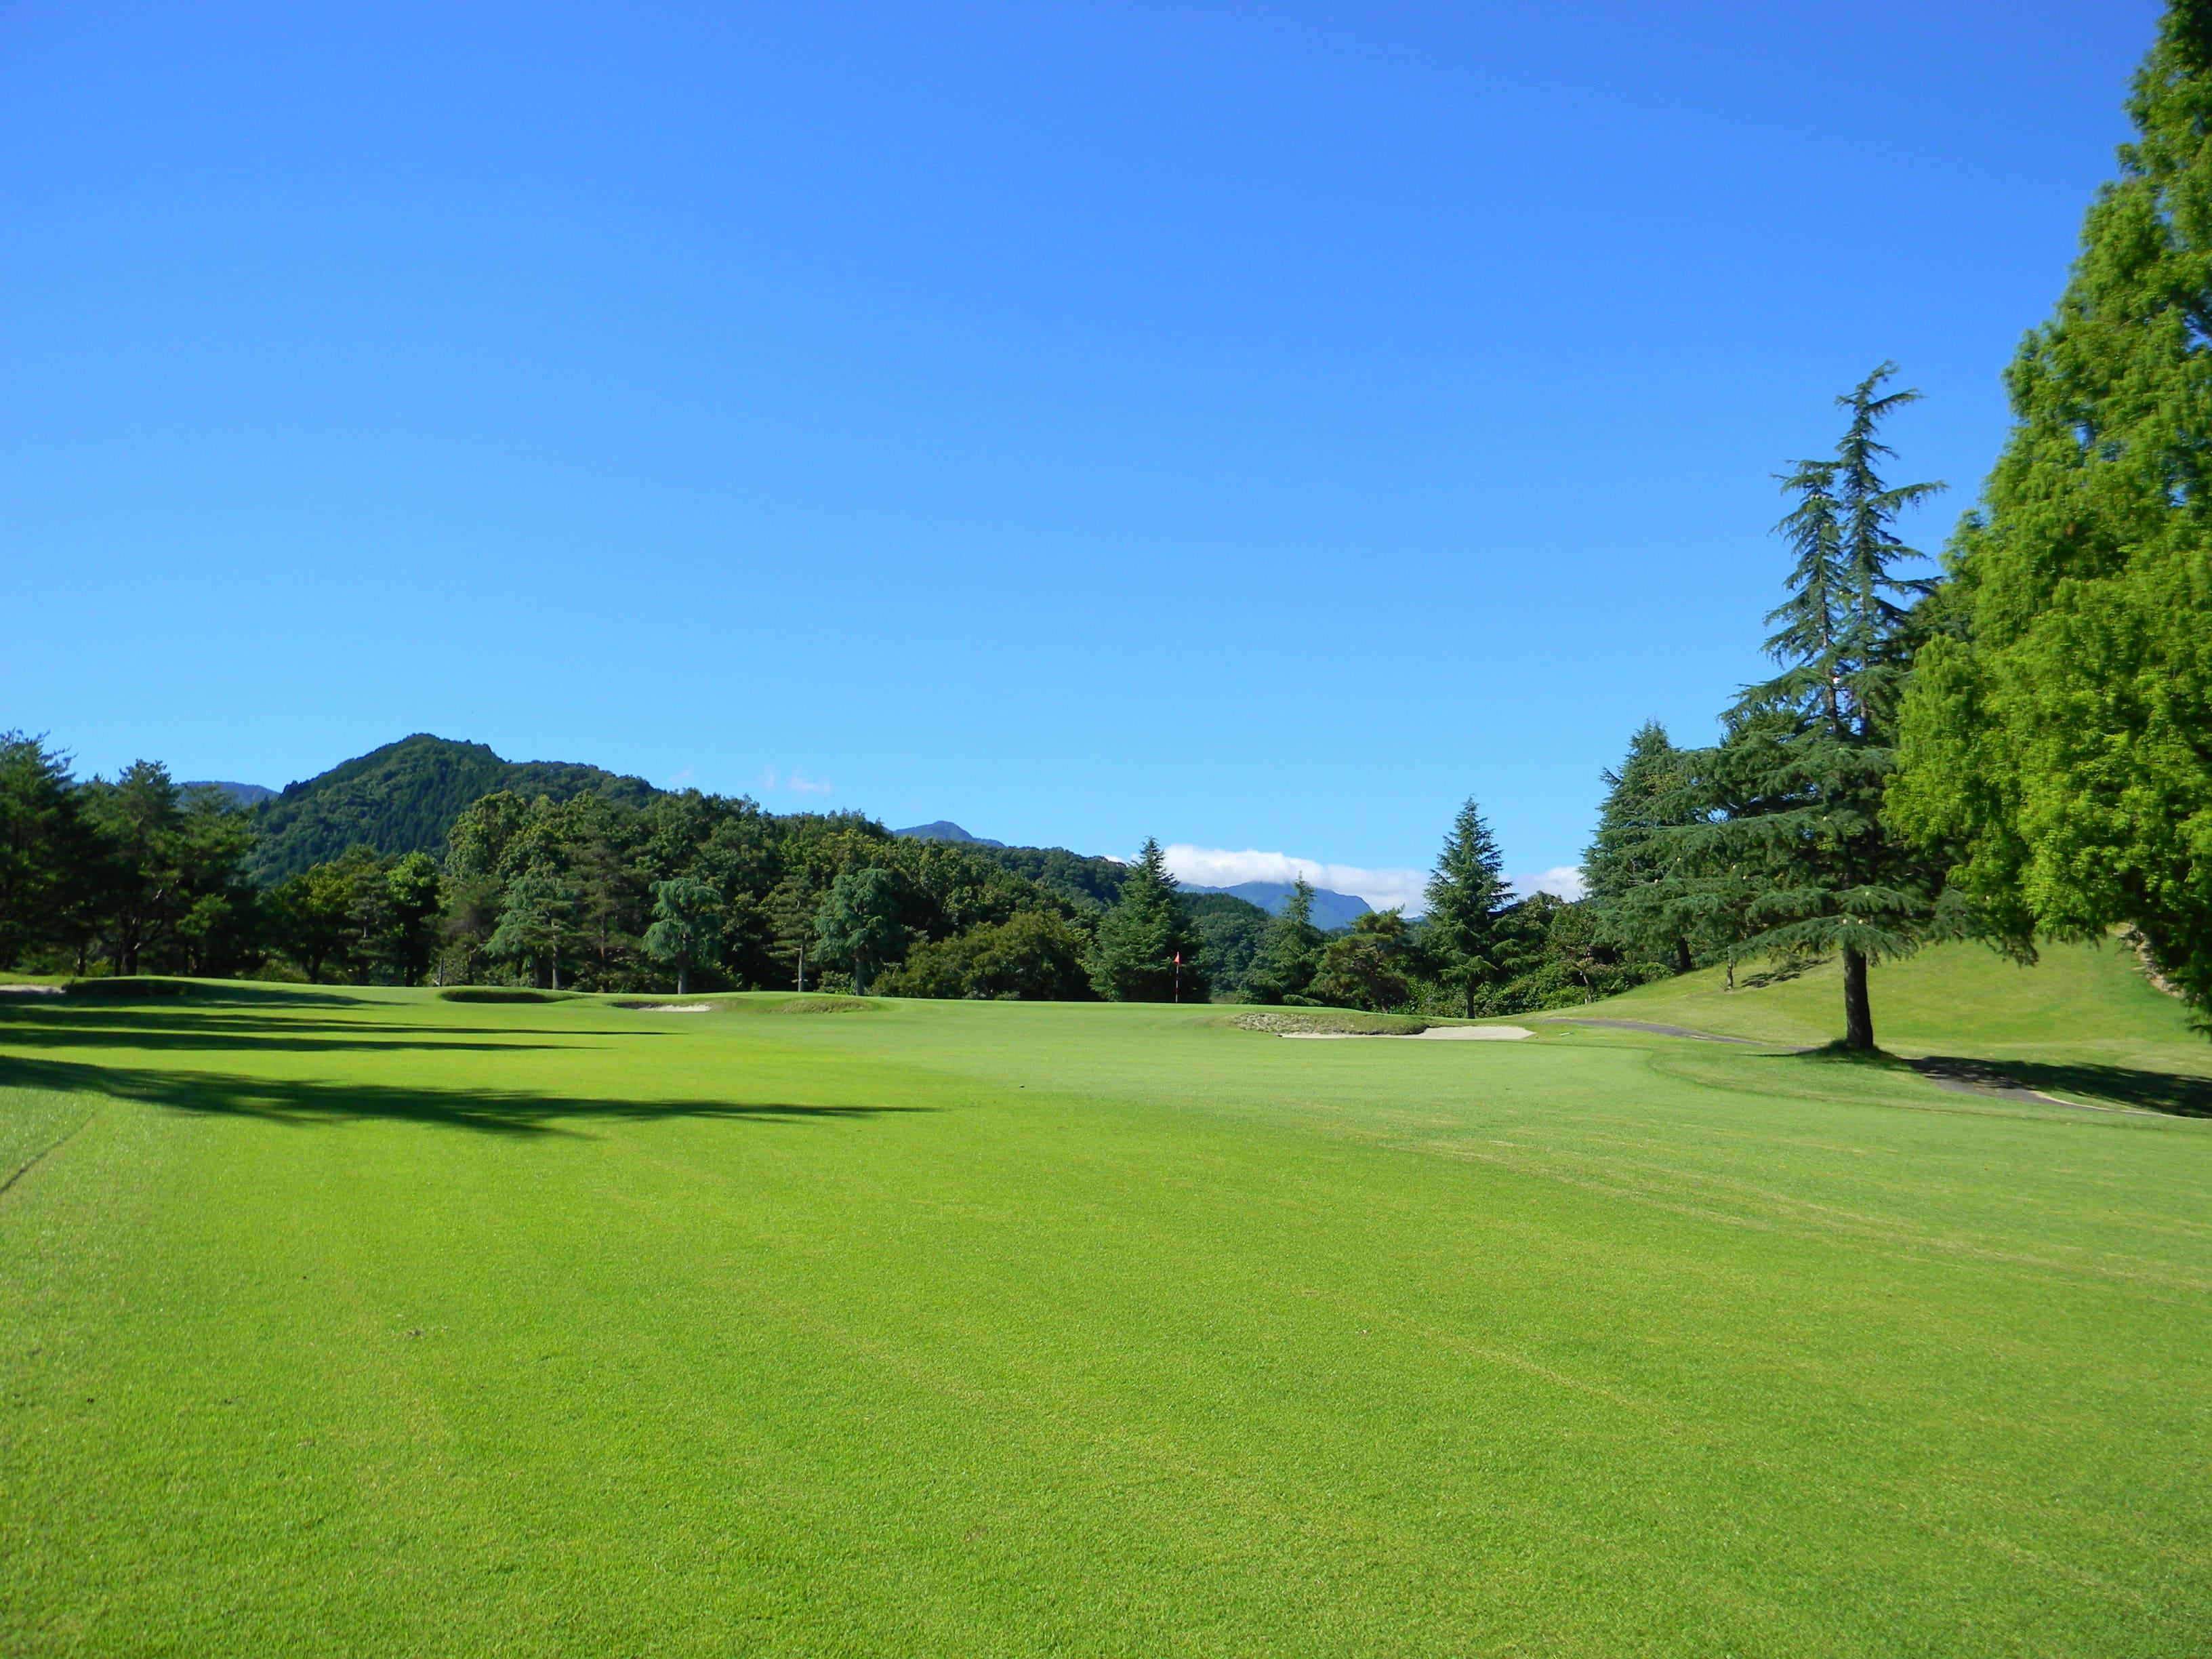 !相模原でゴルフ! 神奈川カントリークラブ【平日限定】1名様 1Rプレー券